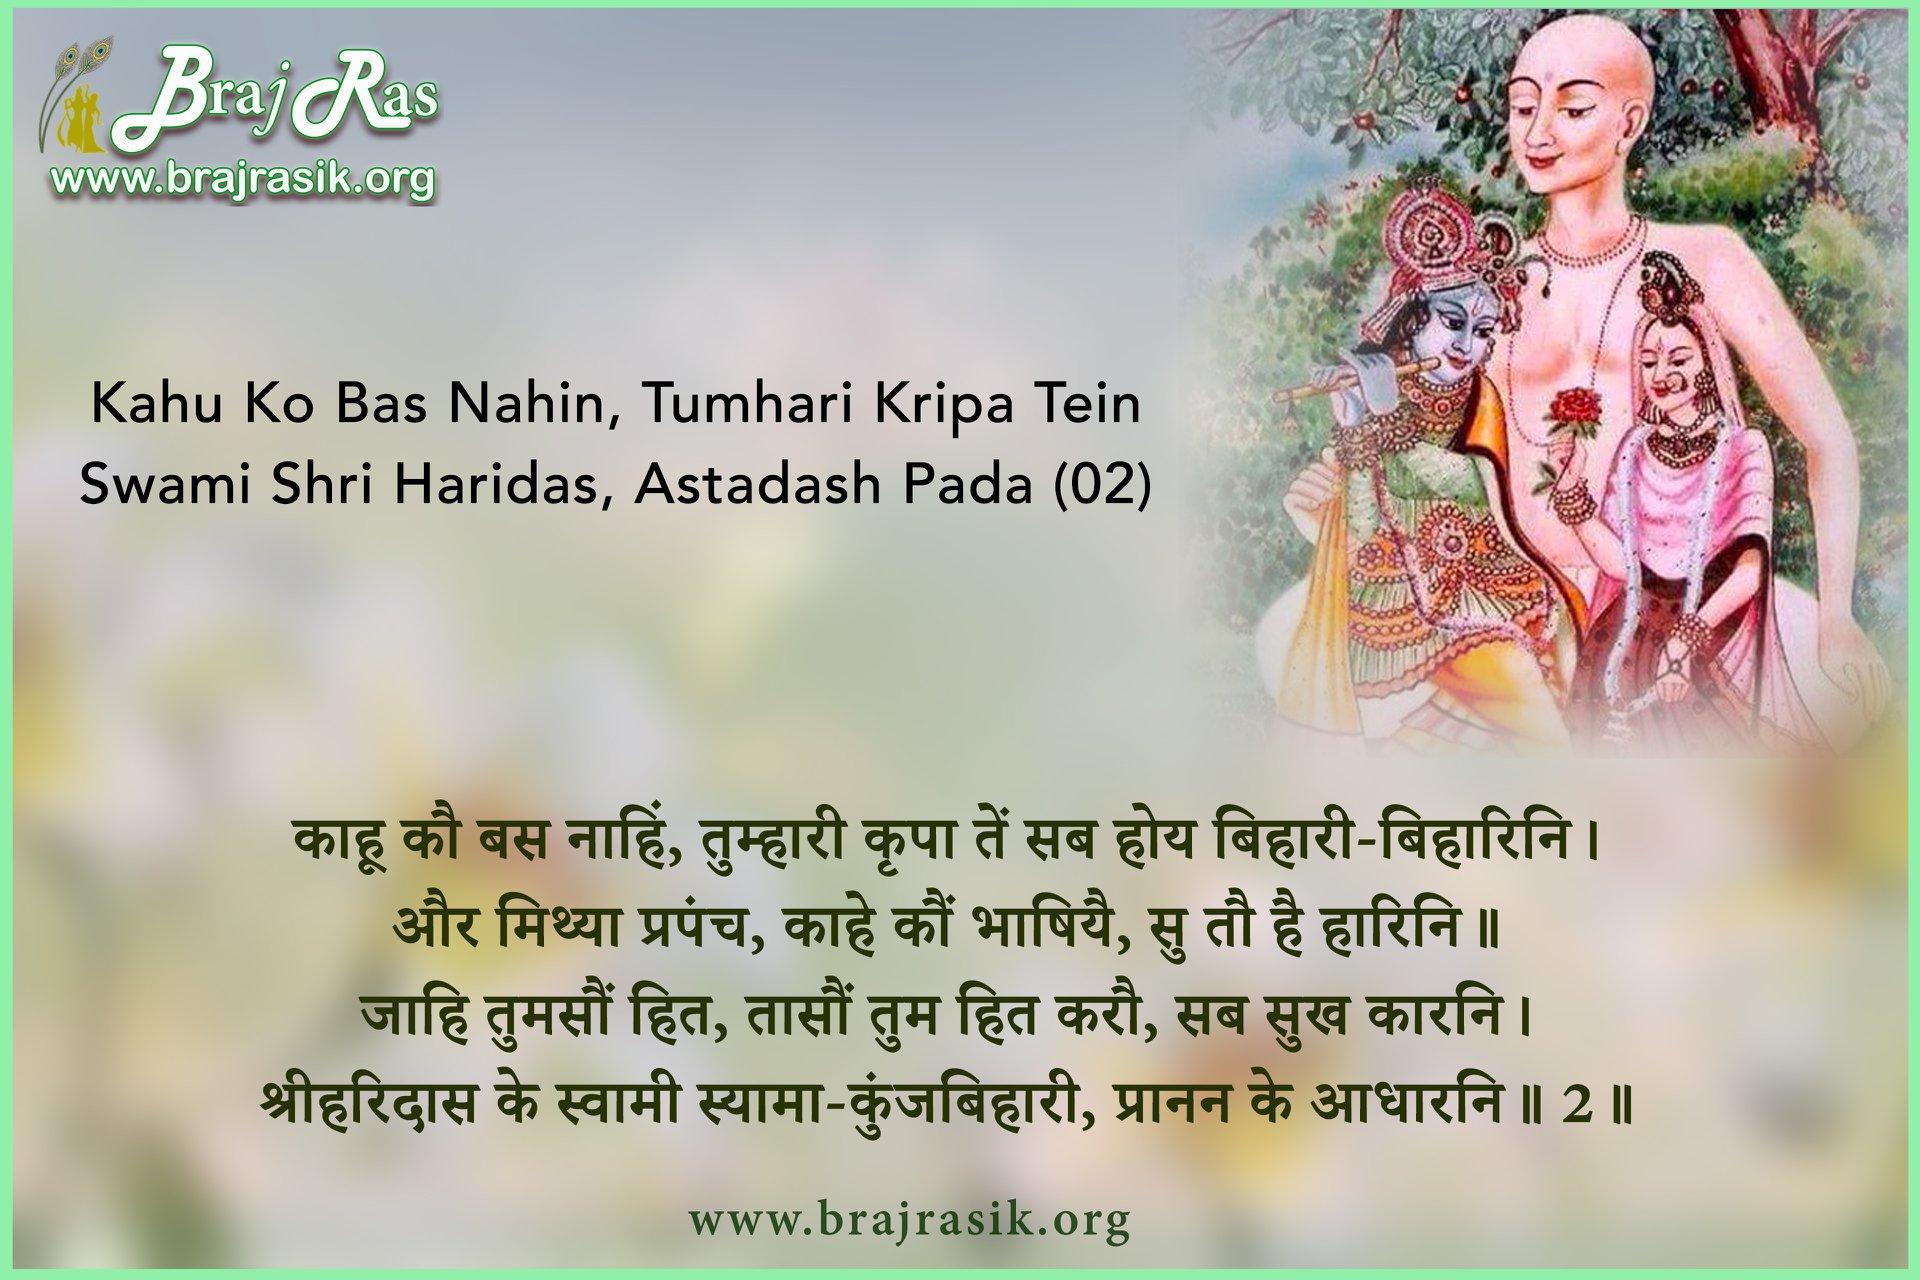 Kahu Ko Bas Nahin, Tumhari Kripa Tein - Swami Shri Haridas Ji, Ashtadash Pada (02)